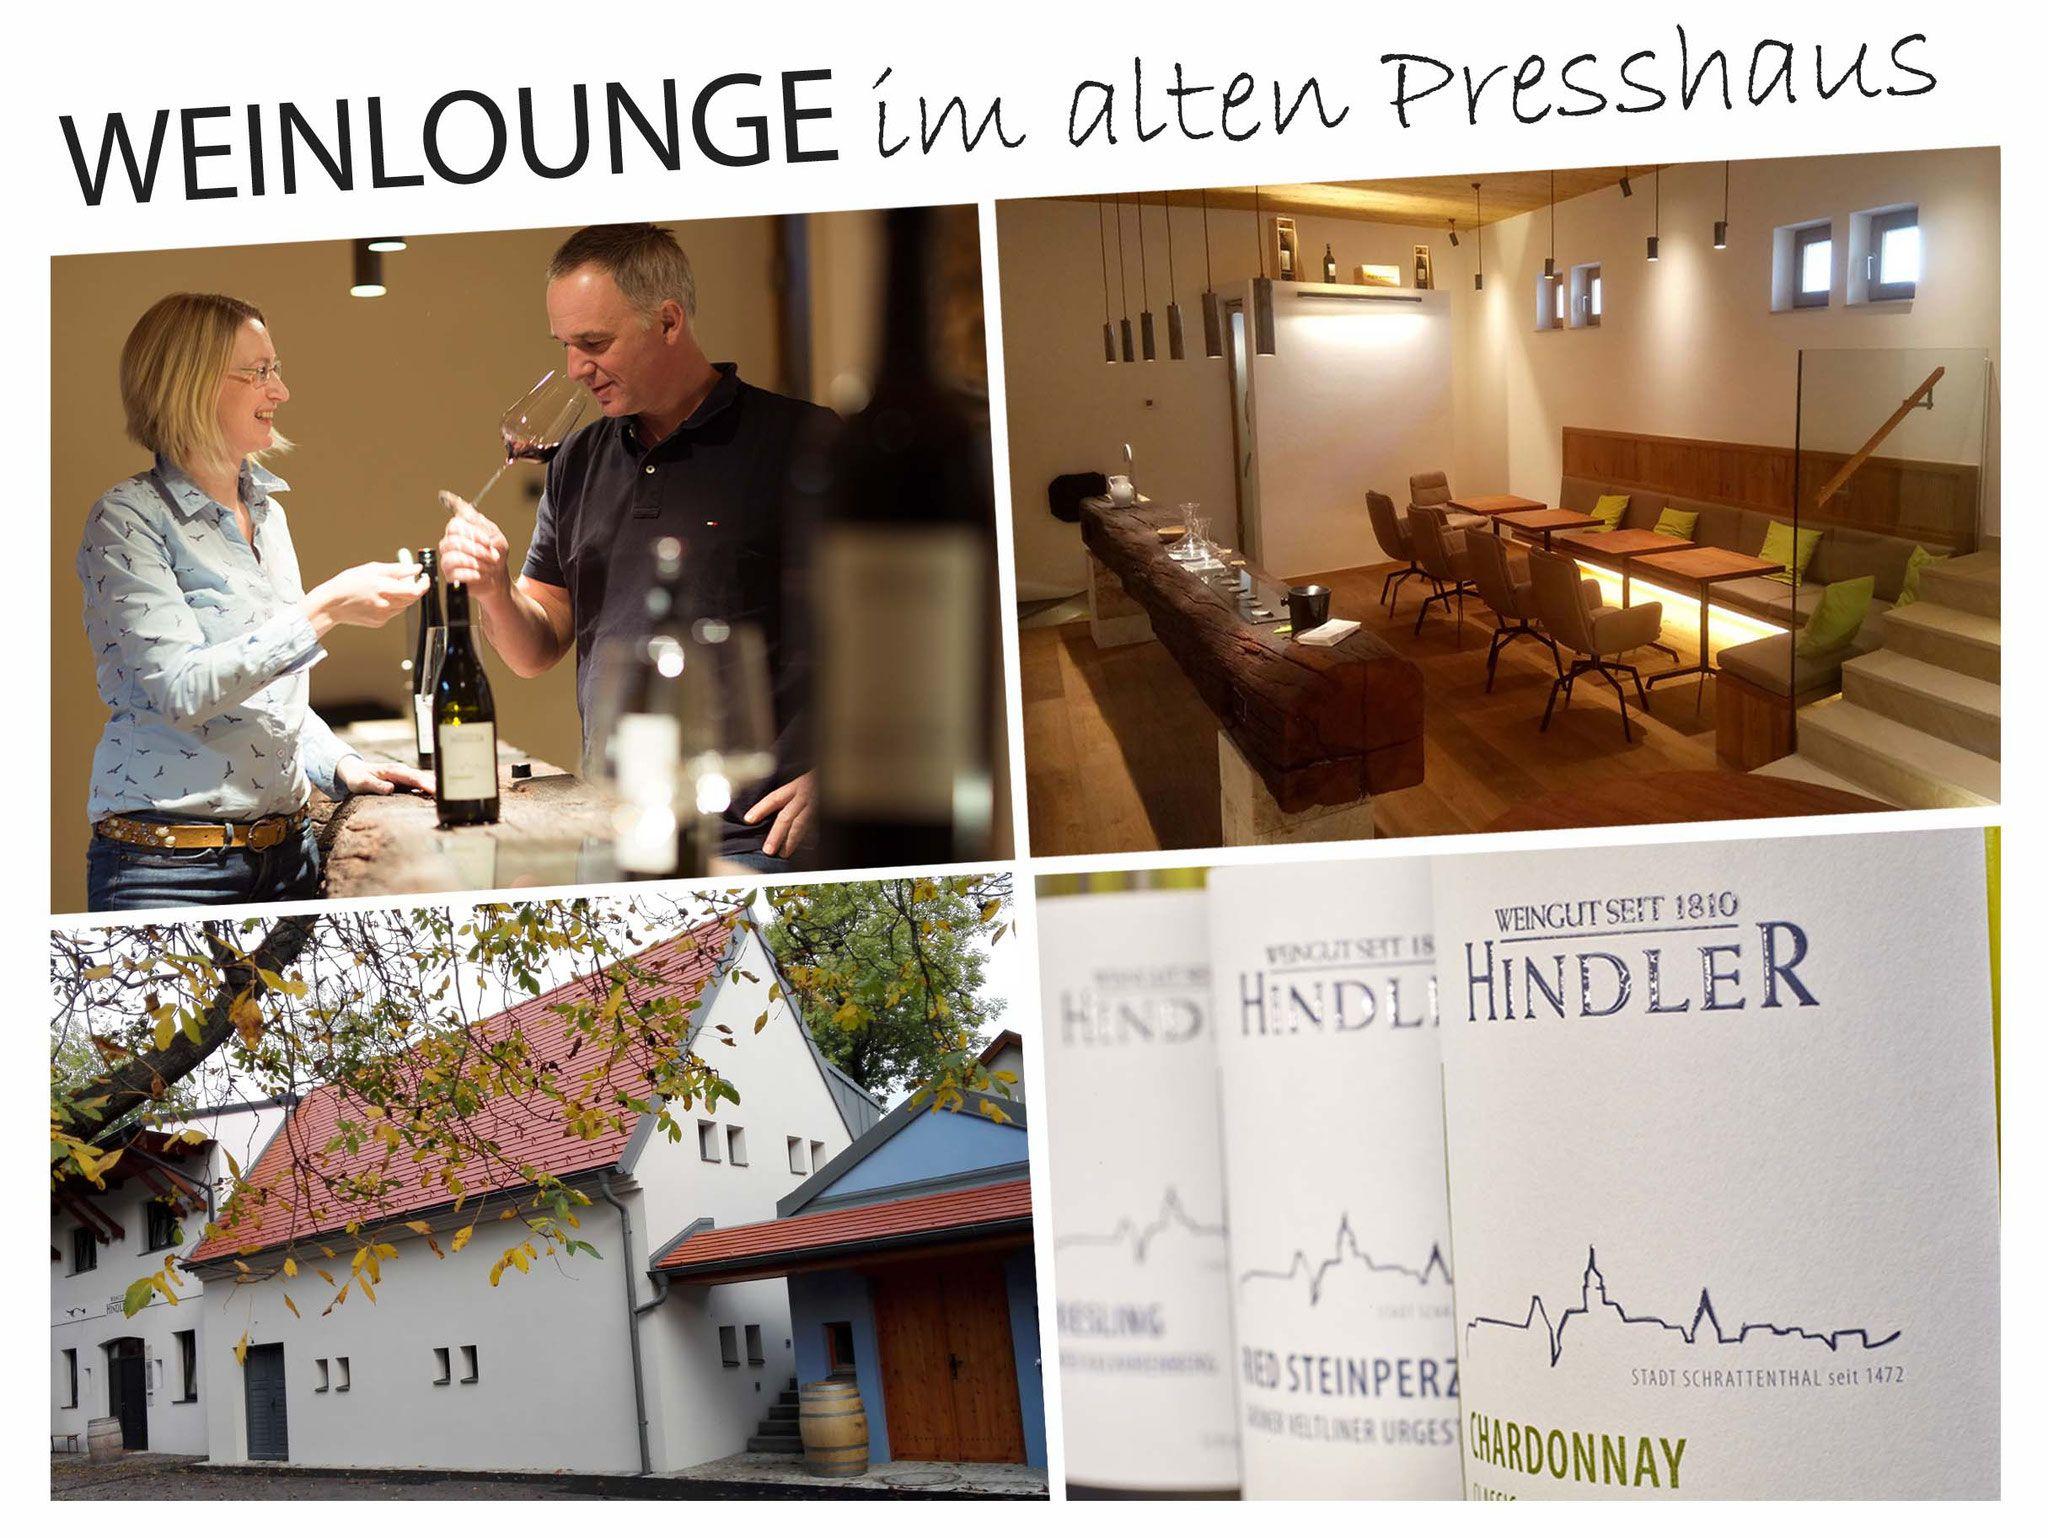 Samstag S Weinstammtisch Im Alten Presshaus Weingut Hindler Weinviertel Pur In 2020 Wein Stammtisch Weinkeller